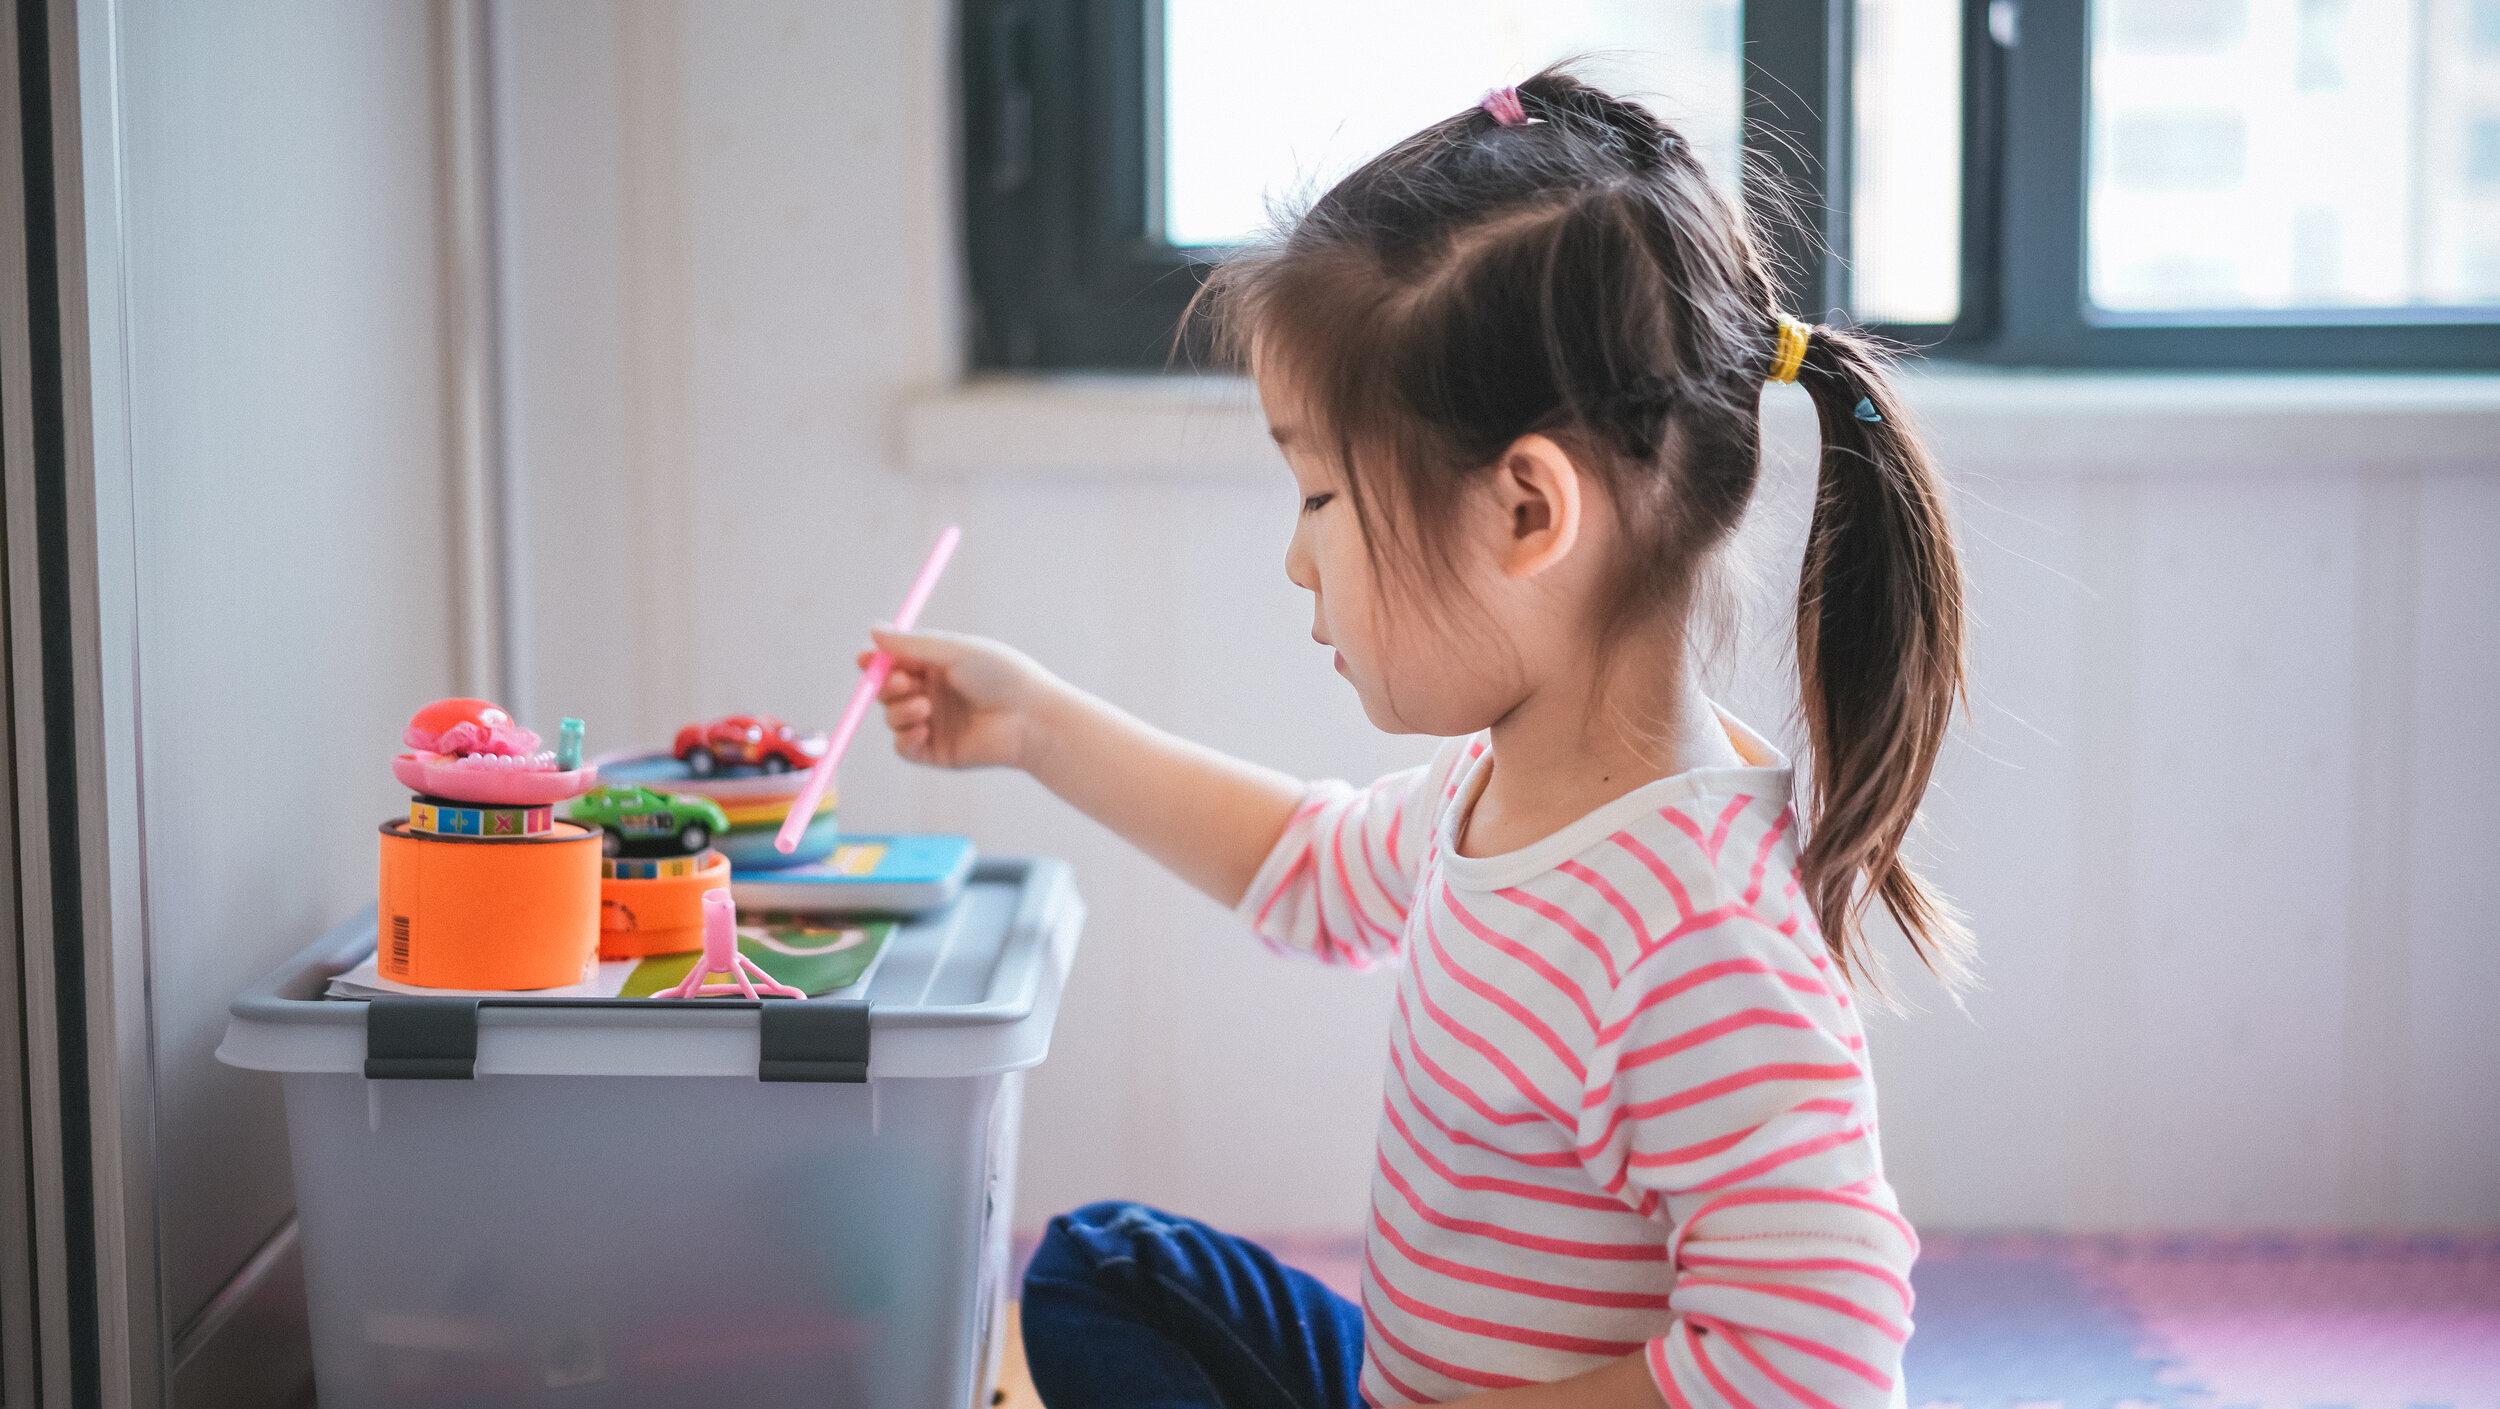 Partikler fra legetøj, fugt og for lidt udluftning er ofte skyld i børneværelset er der luften er mest forurenet.